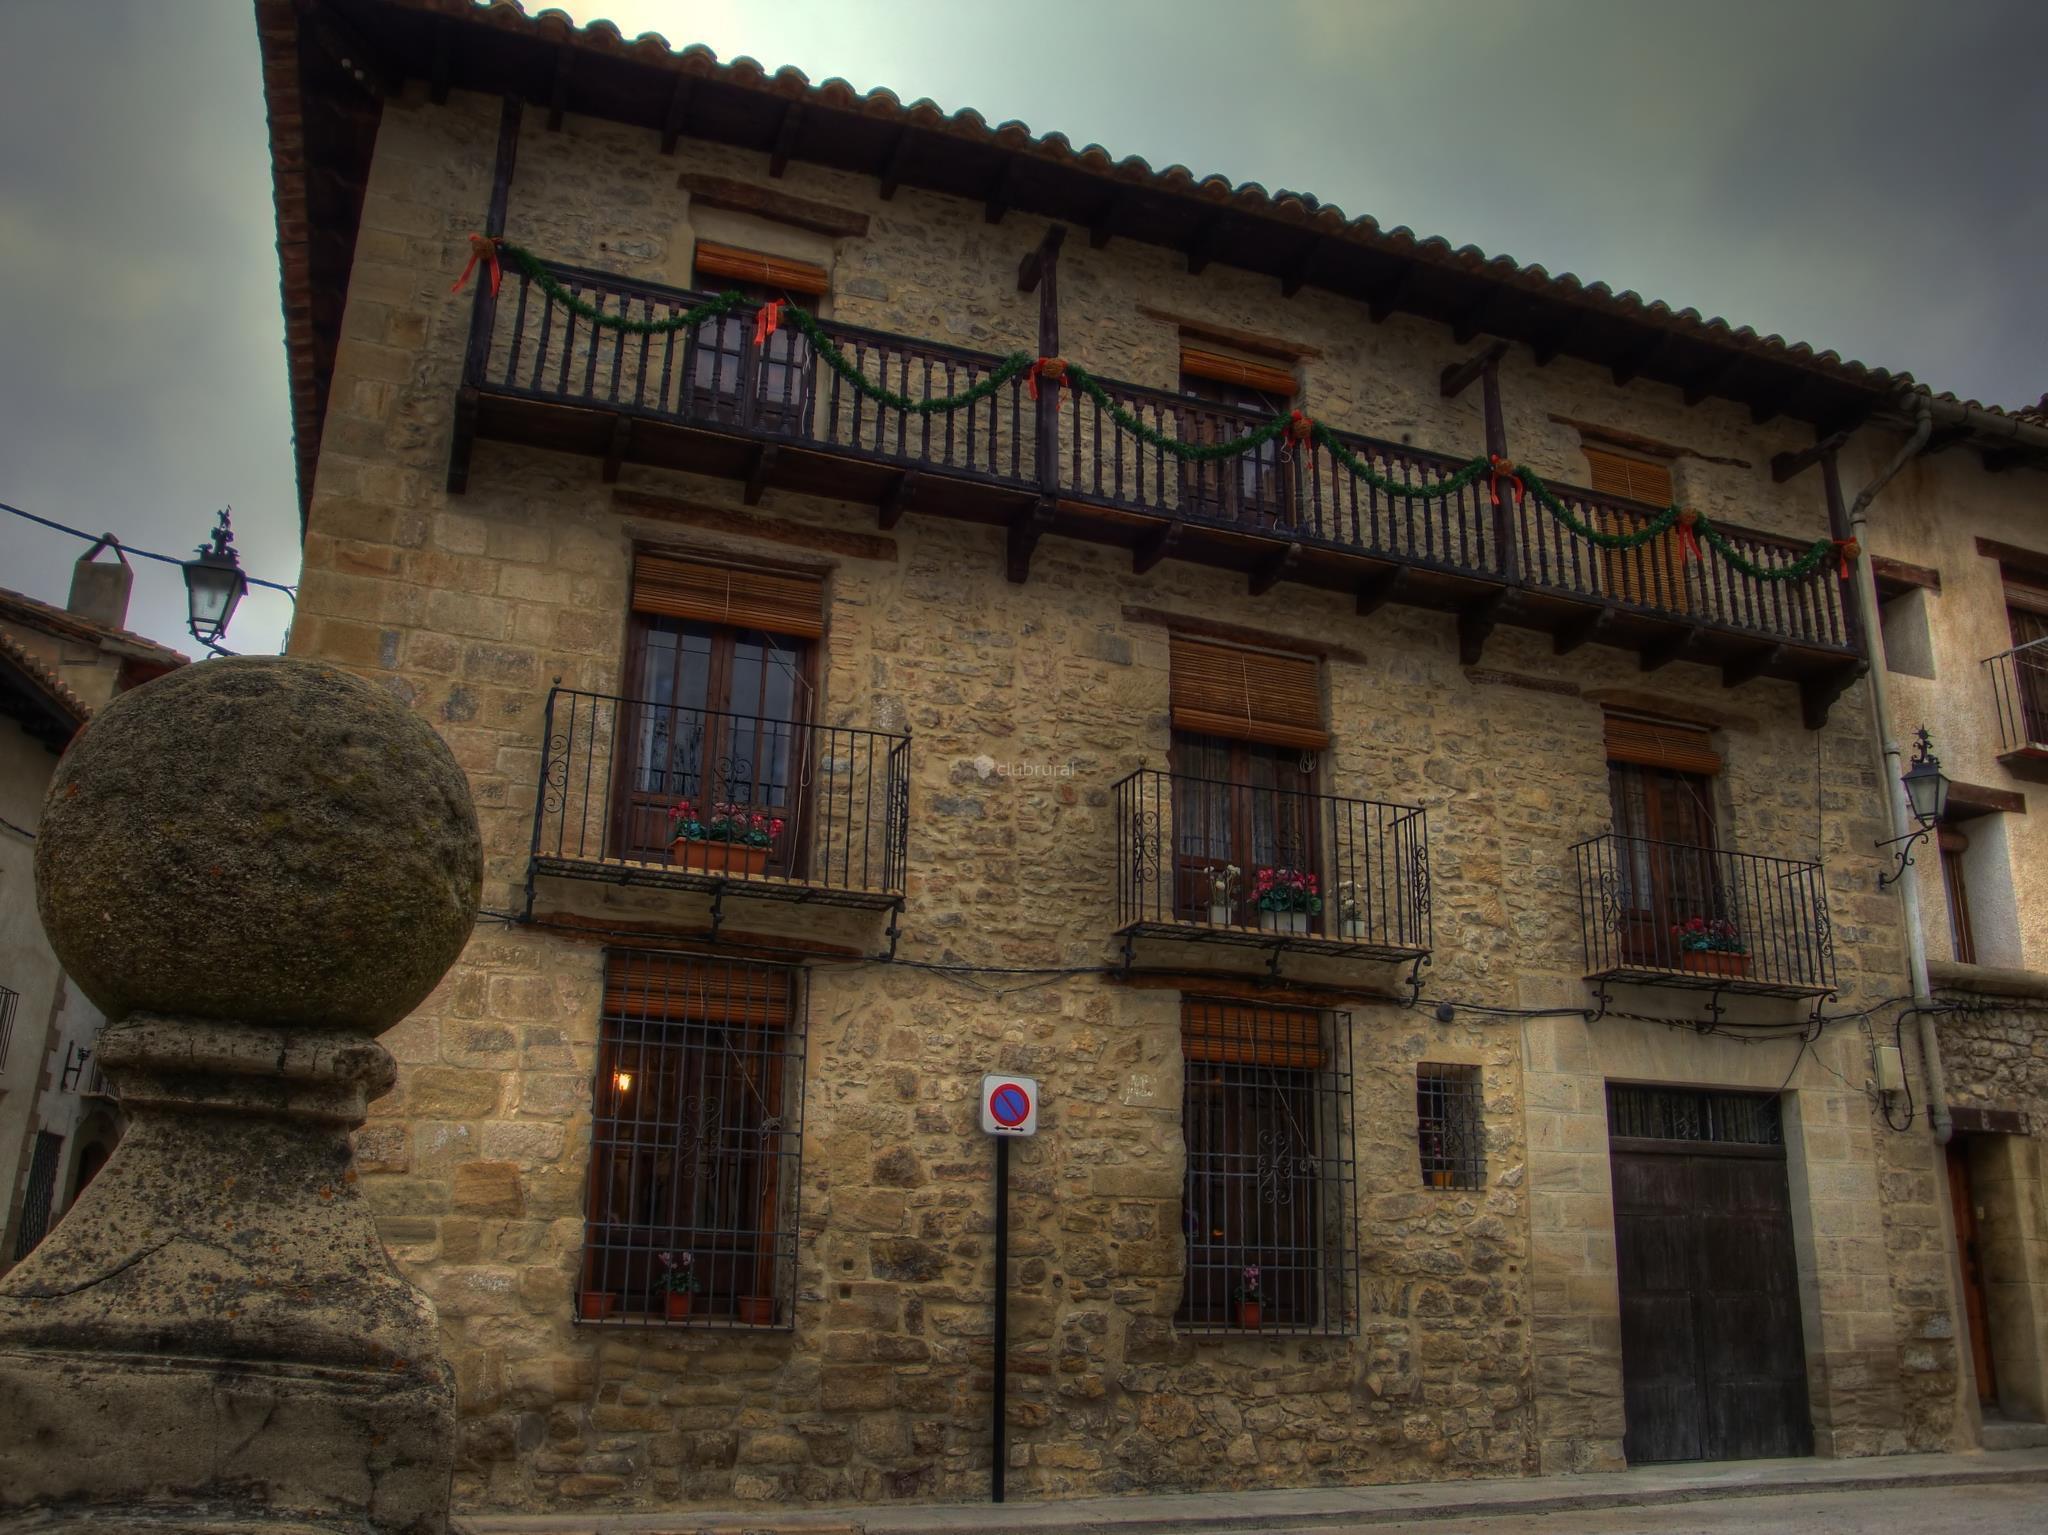 Fotos de la casa del sol teruel rubielos de mora - Casas rurales rubielos de mora ...